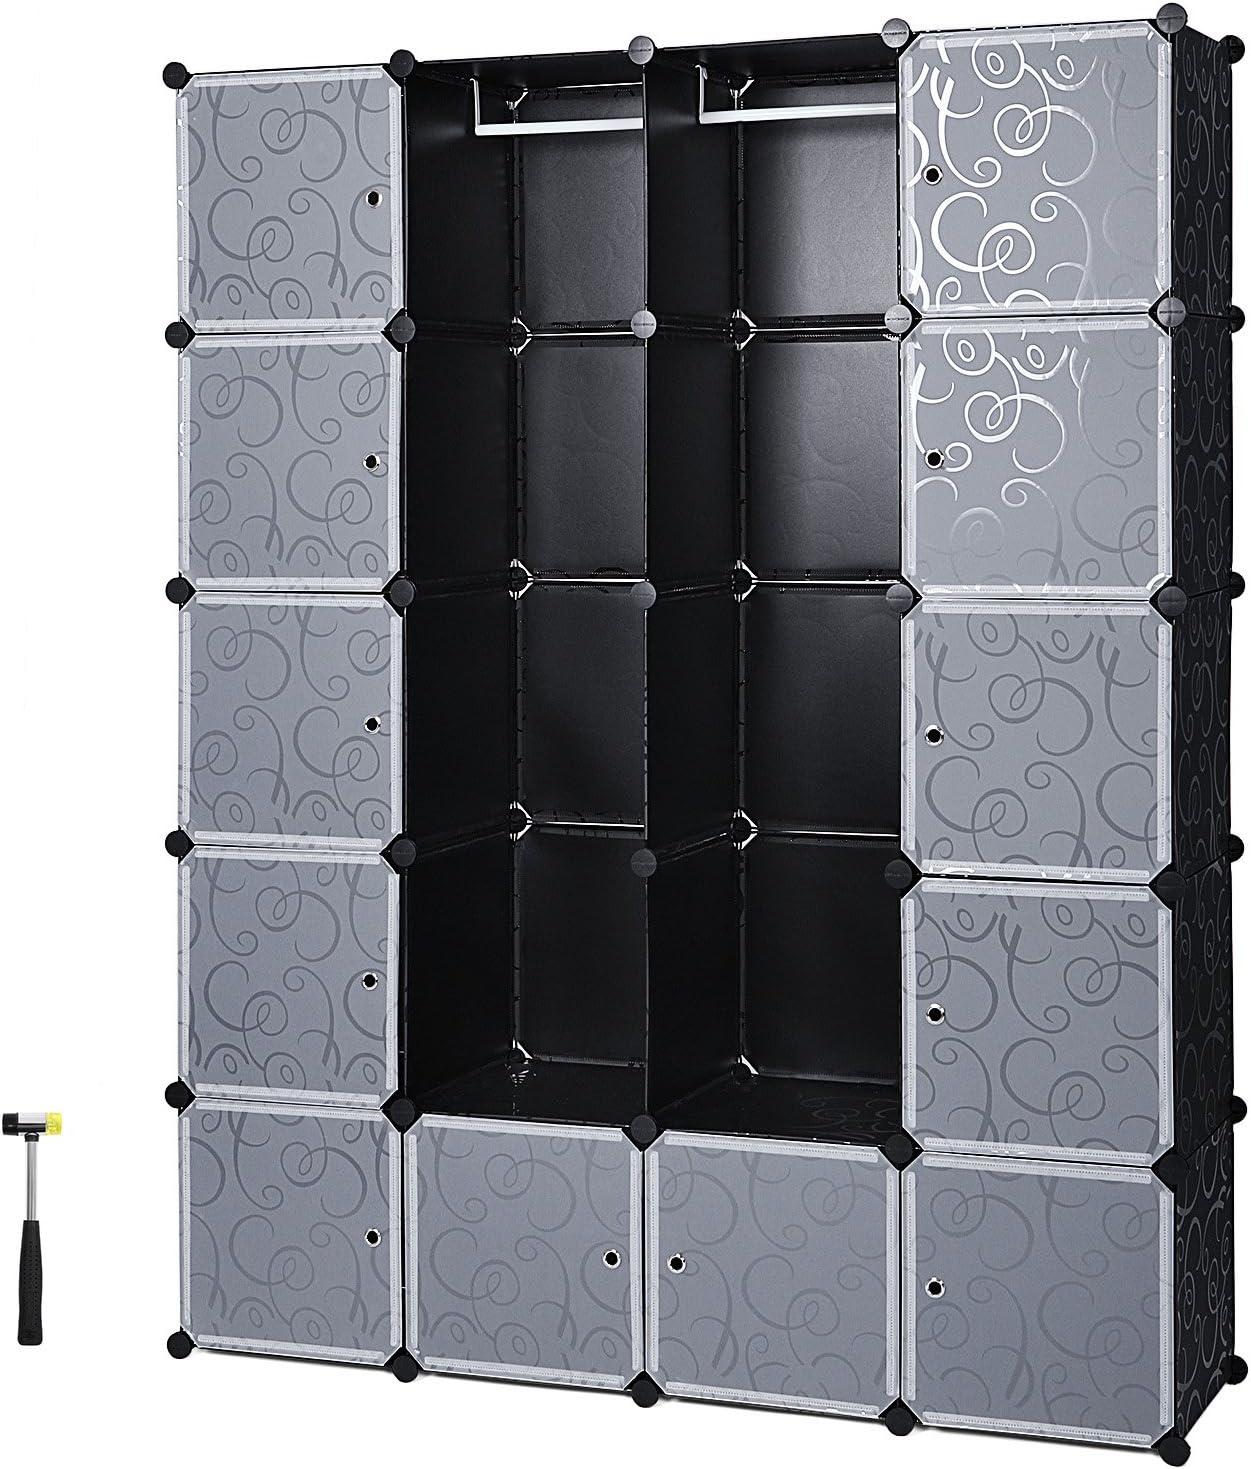 SONGMICS Armario de Almacenaje de Ropa, Estantería por Módulos, Estructuras de Cubo con Puerta, Fácil Montaje,180 x 145 x 37 cm, LPC30H